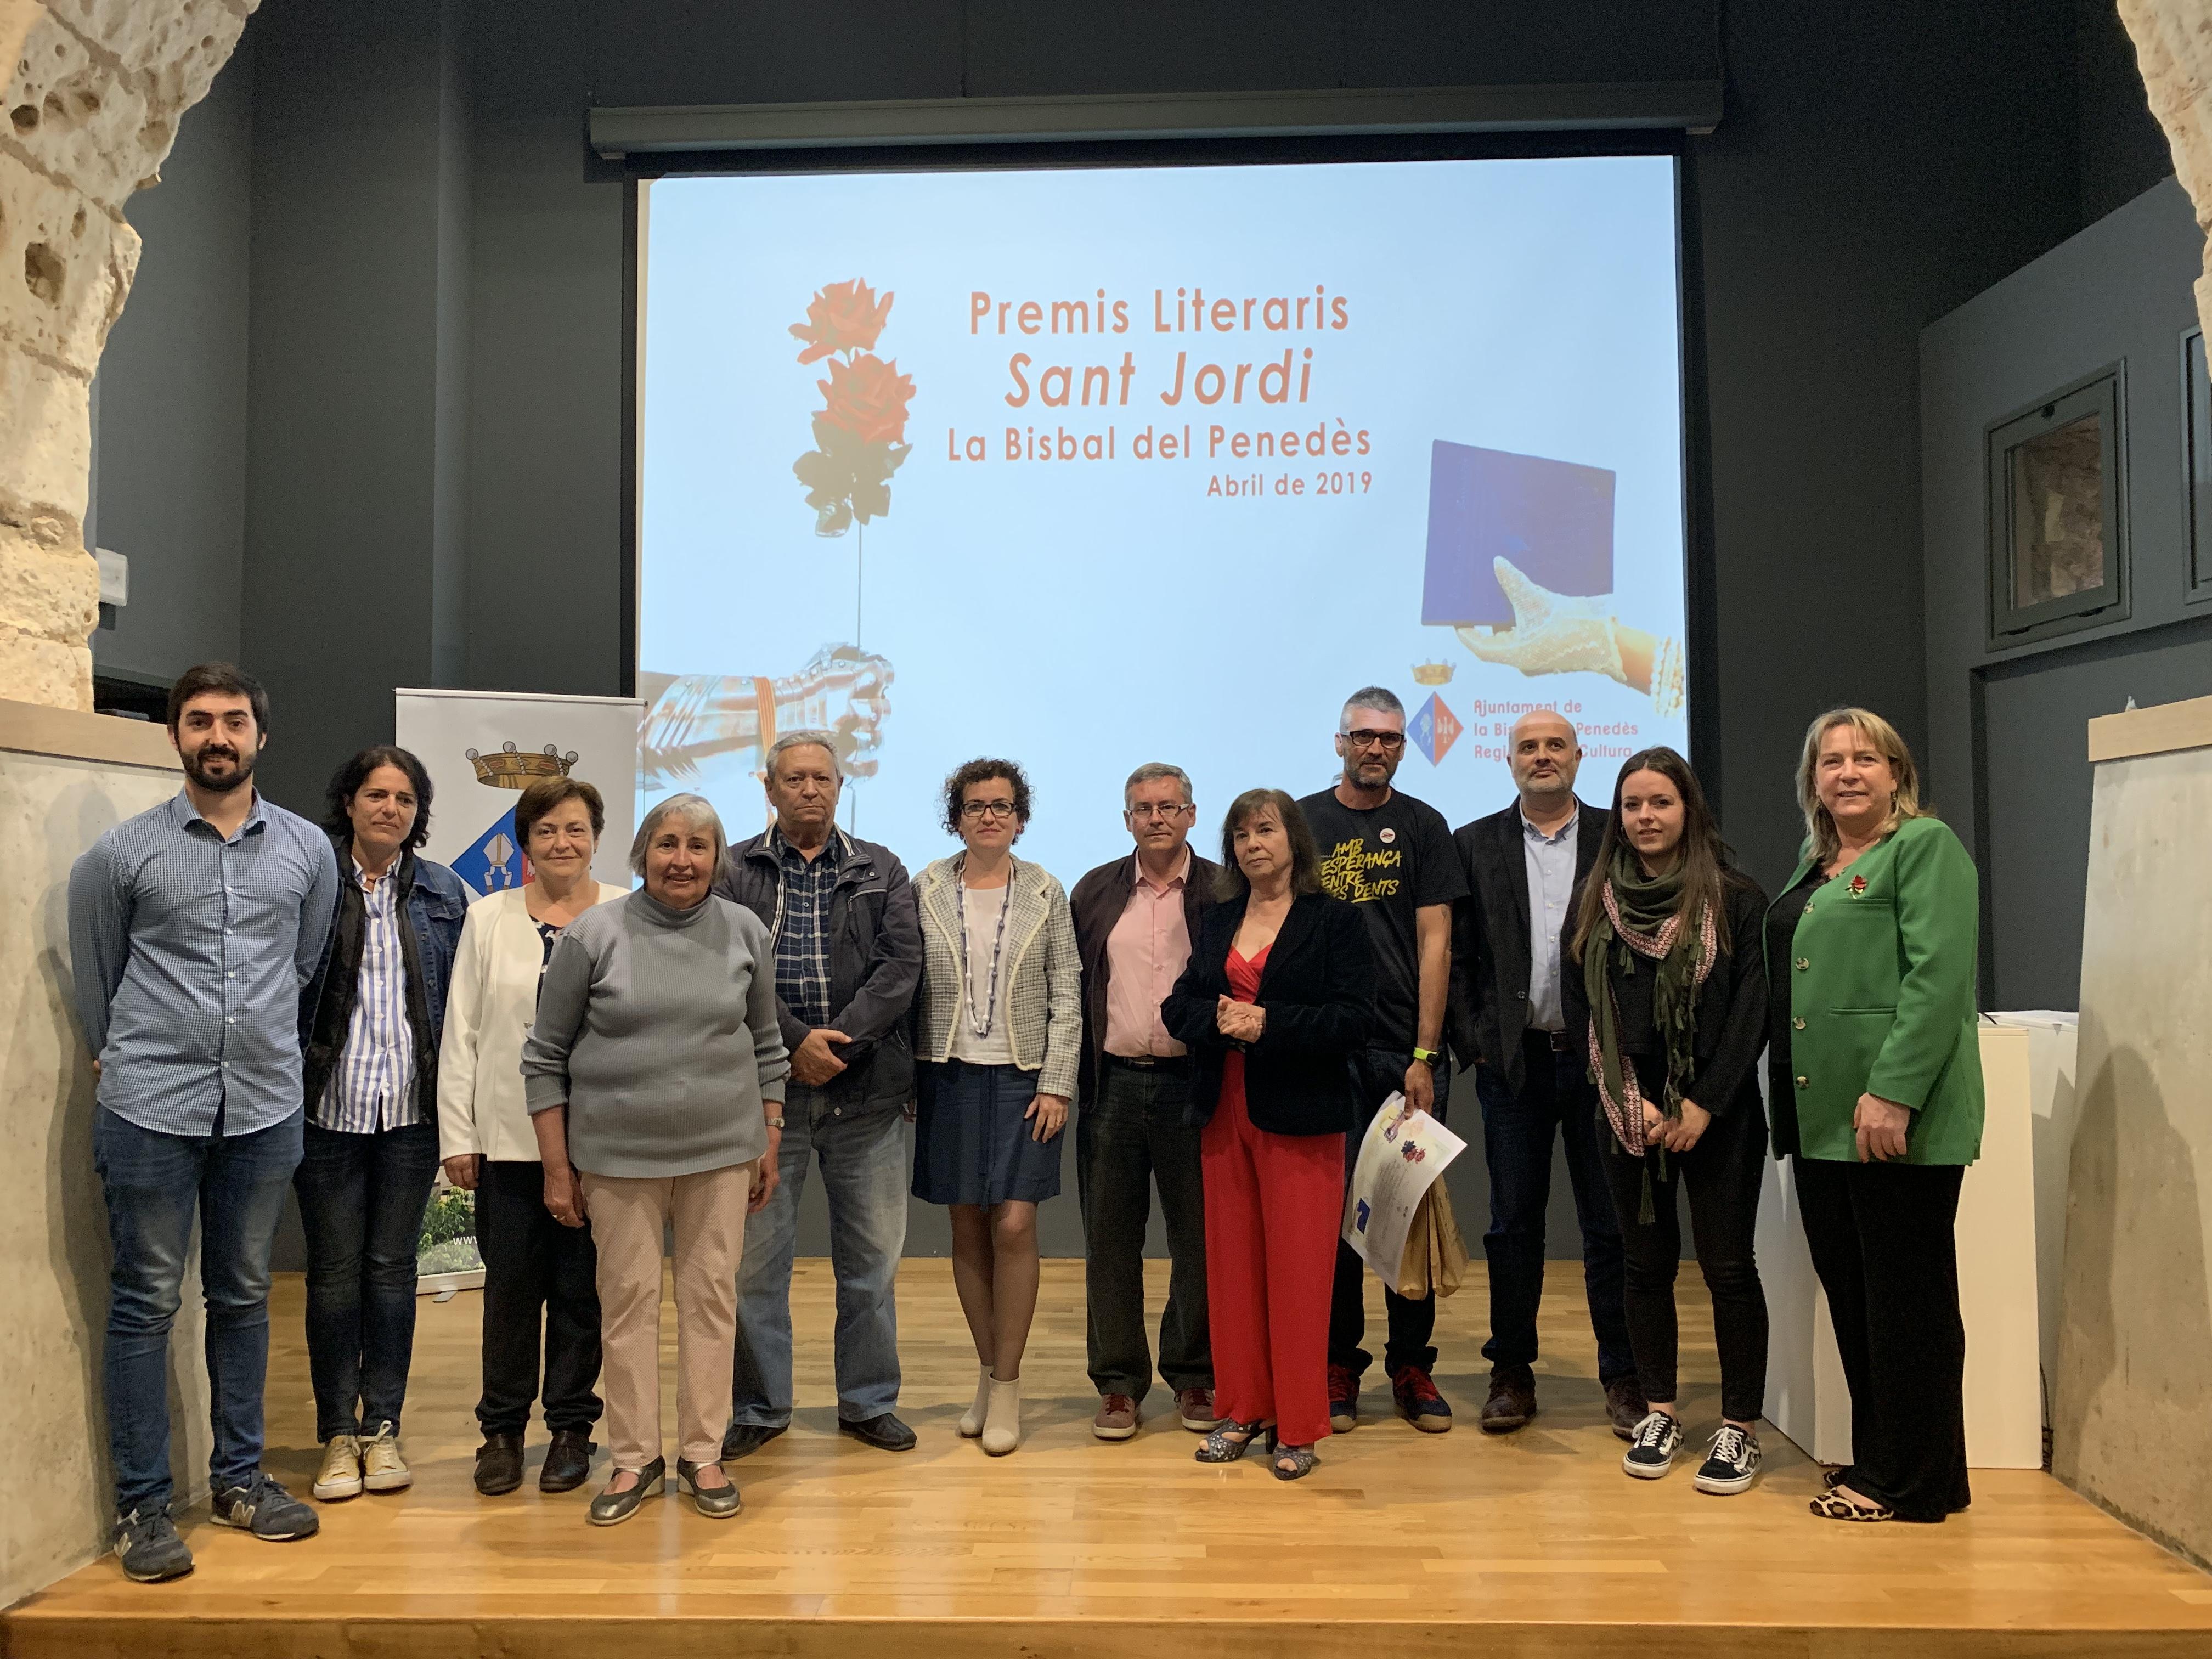 La Junta de govern del 24 de febrer de 2020 ha aprovat la convocatòria del concurs literari de Sant Jordi 2020